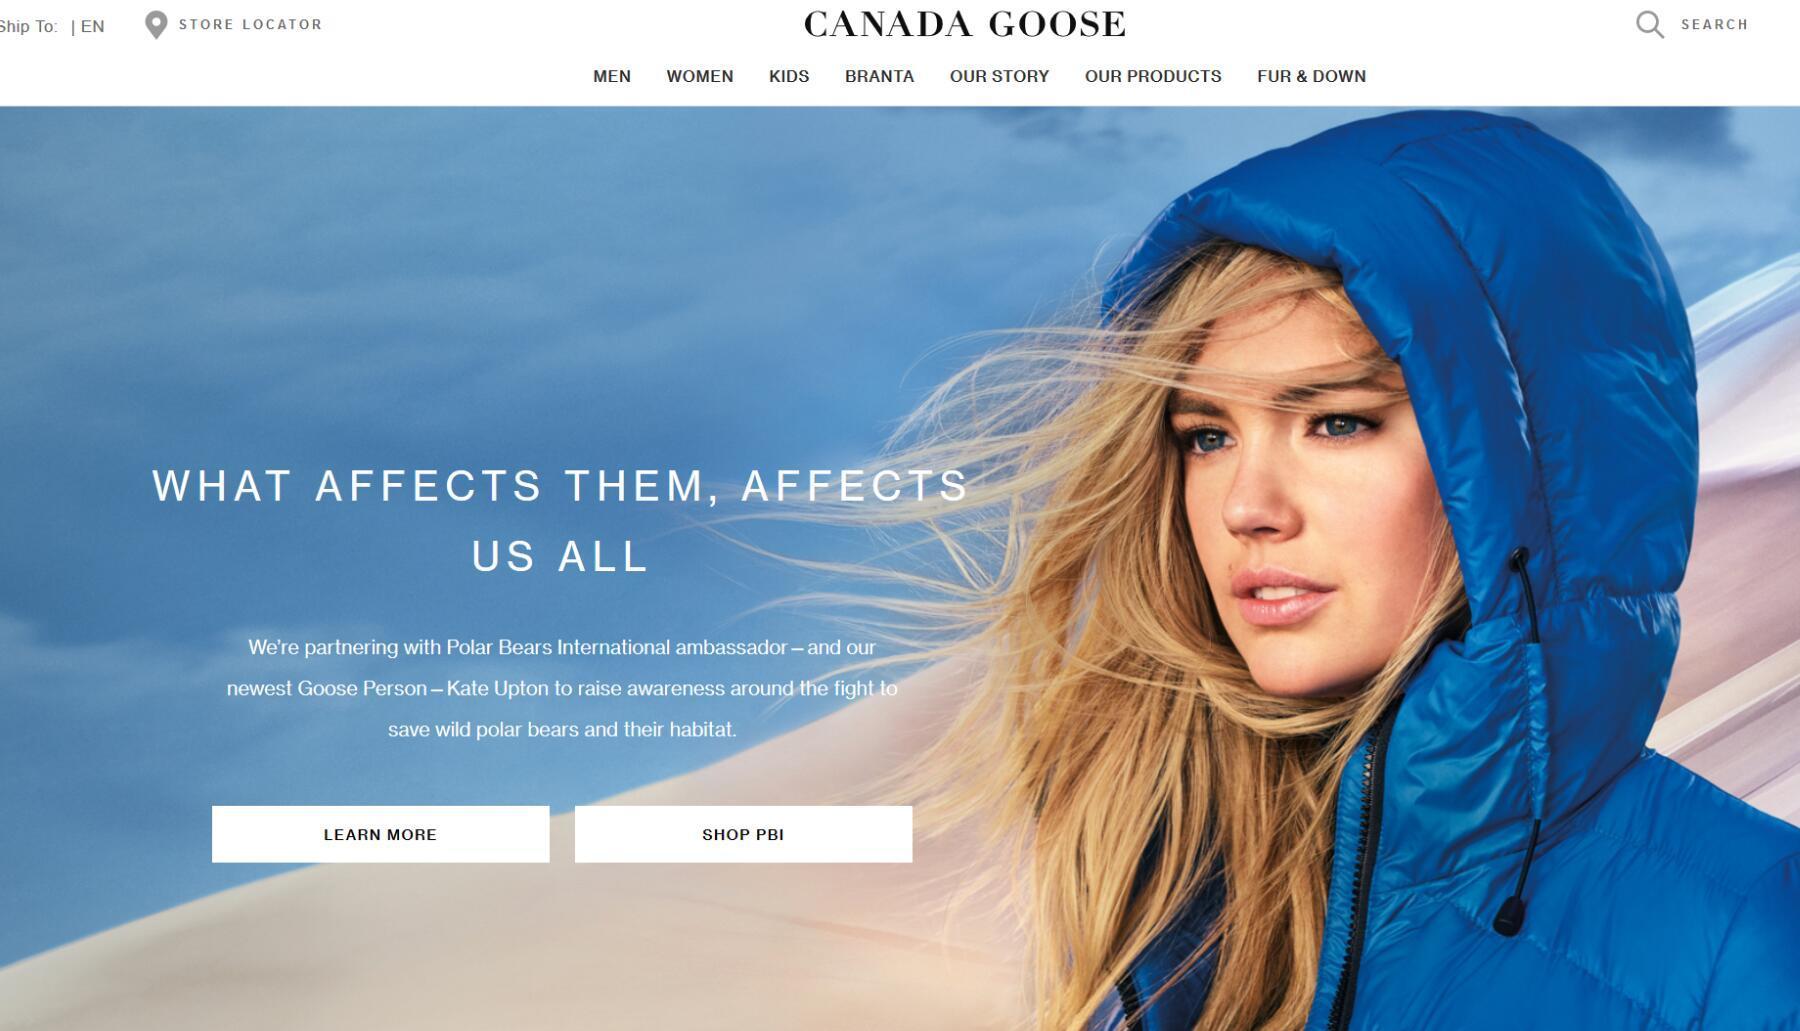 加拿大鹅最新季报:亚洲市场销售大增107.5%